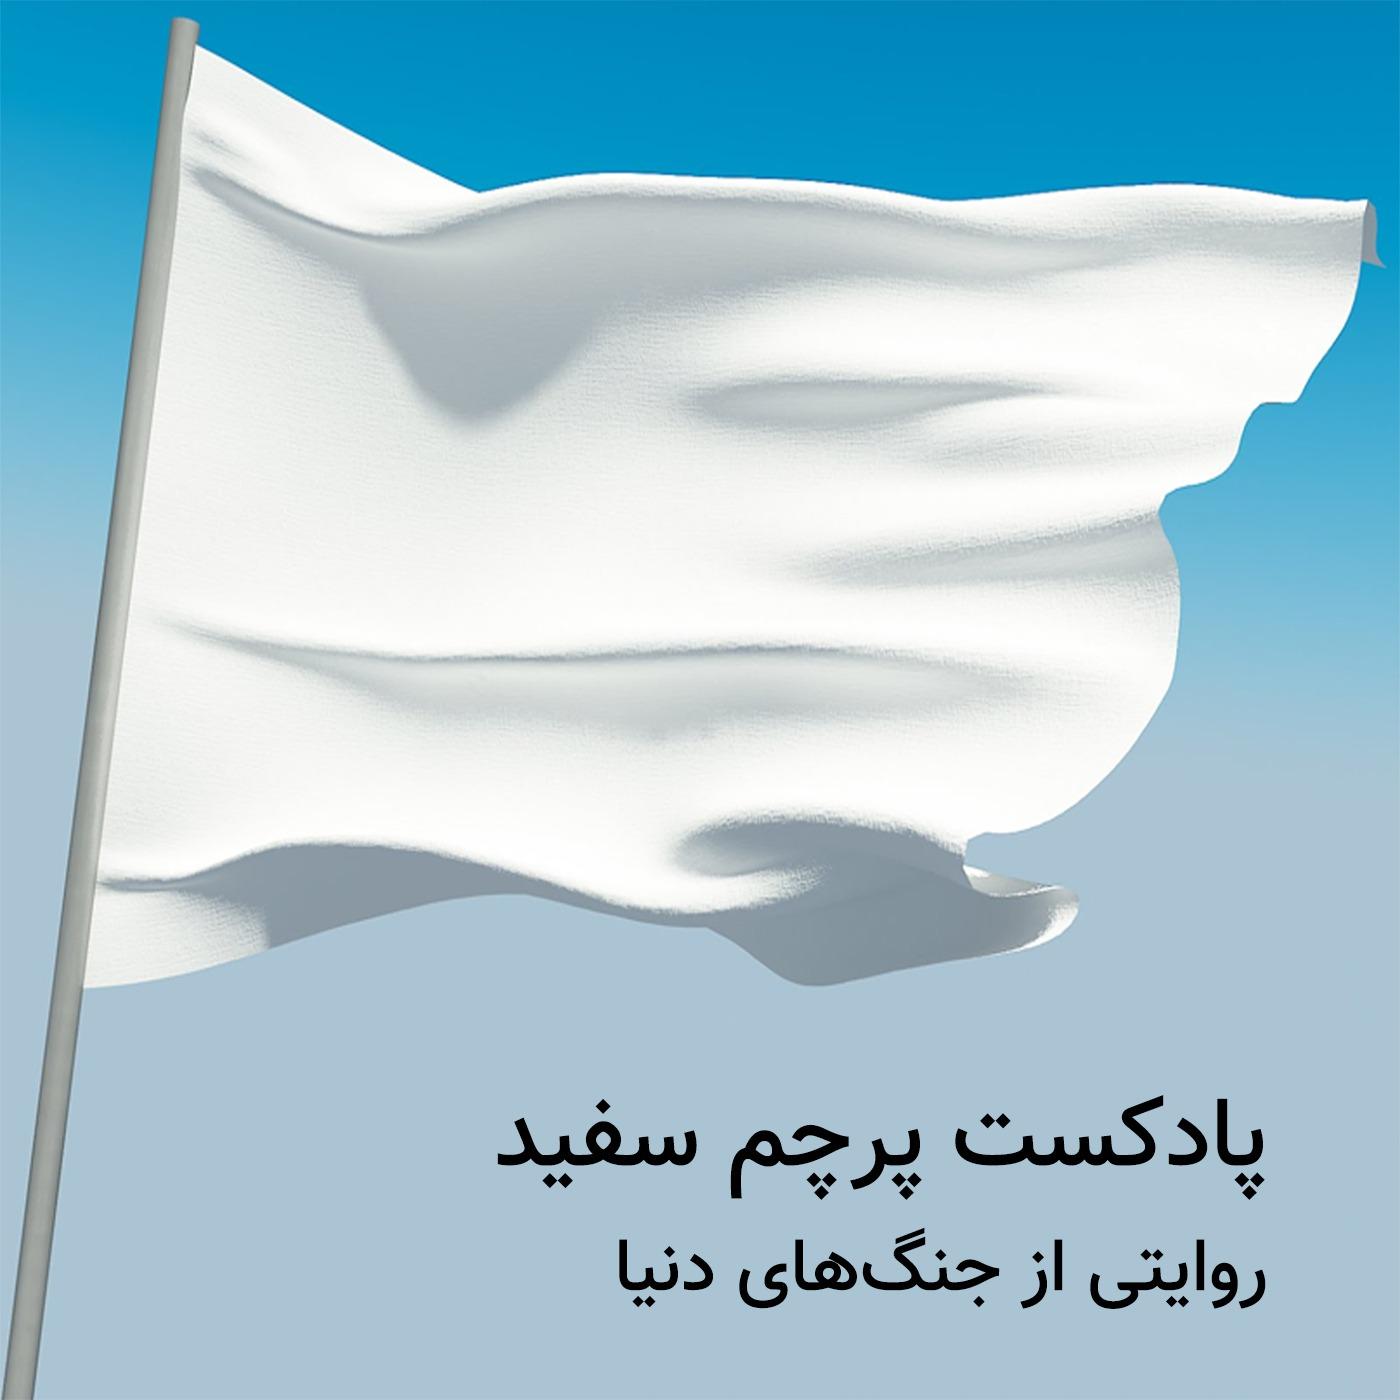 پرچم سفید